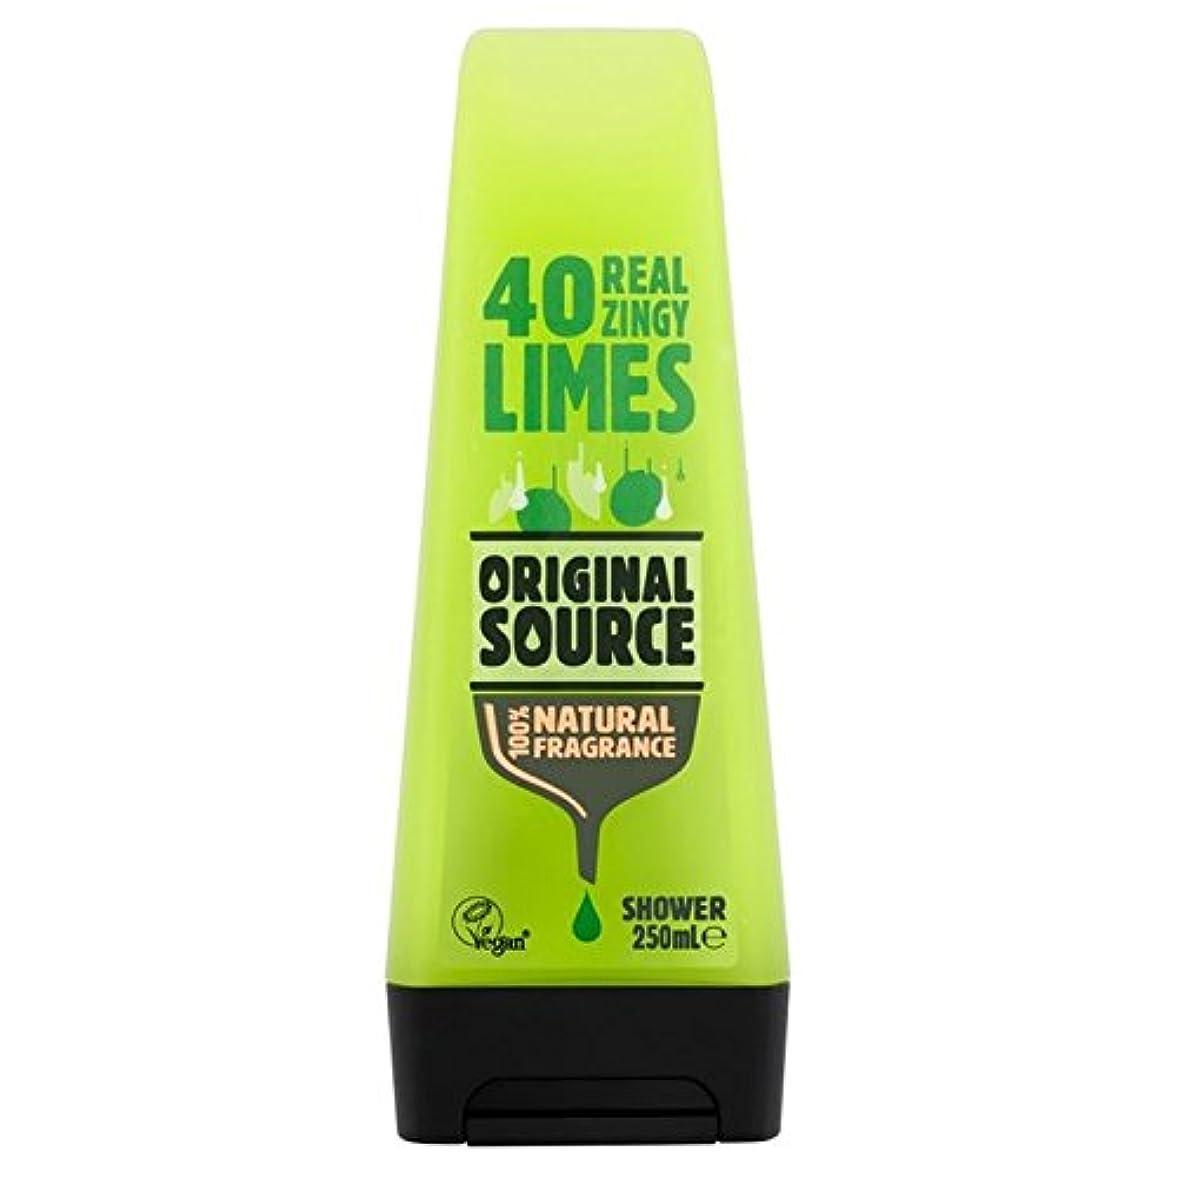 出くわすの定数元のソースライムシャワージェル250ミリリットル x4 - Original Source Lime Shower Gel 250ml (Pack of 4) [並行輸入品]